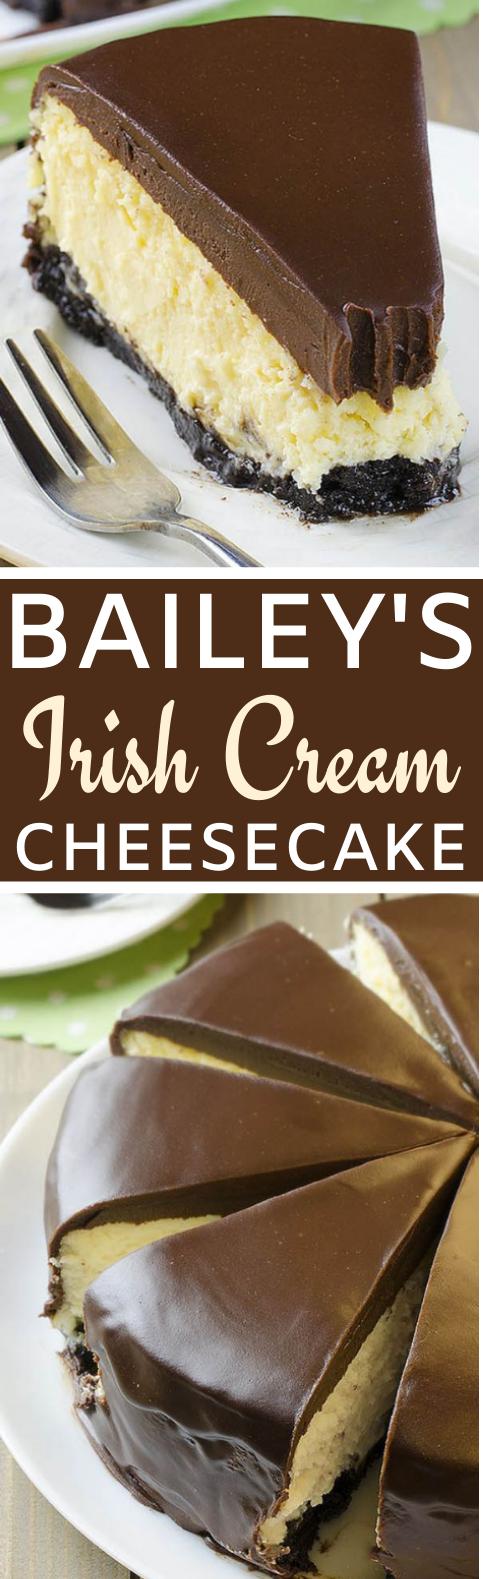 Bailey's Irish Cream Cheesecake #desserts #cheesecake #cake #baking #baileys